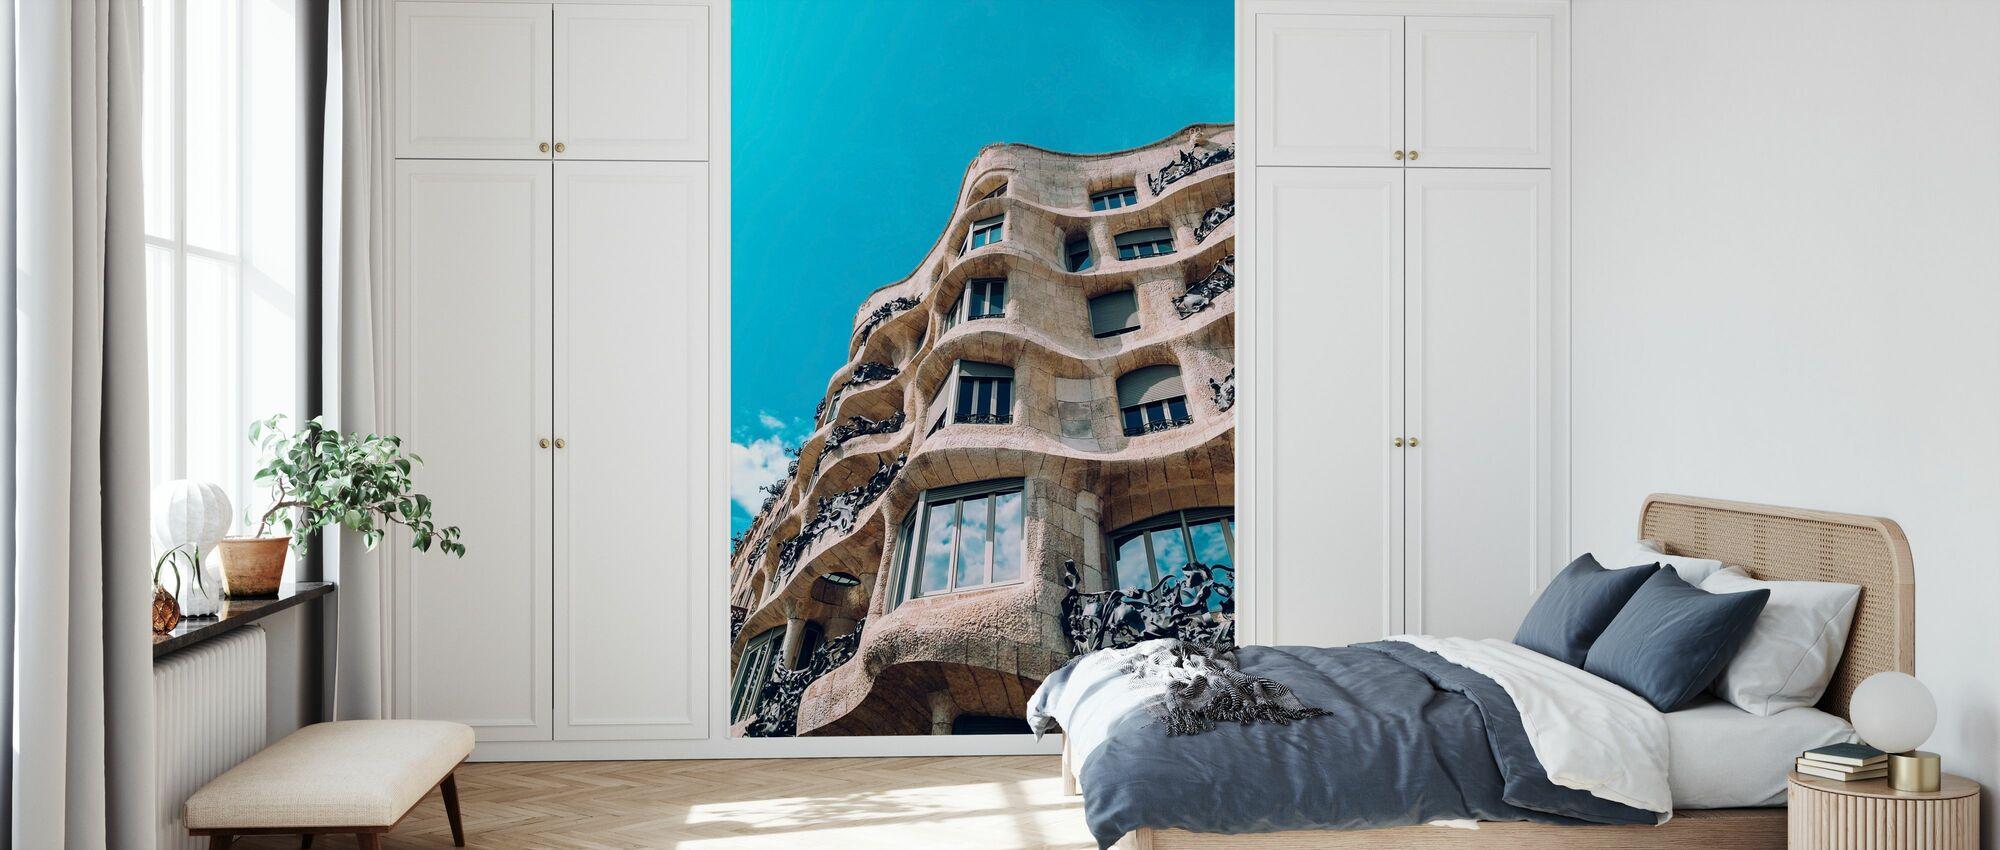 Casa Mila Gebäude - Tapete - Schlafzimmer